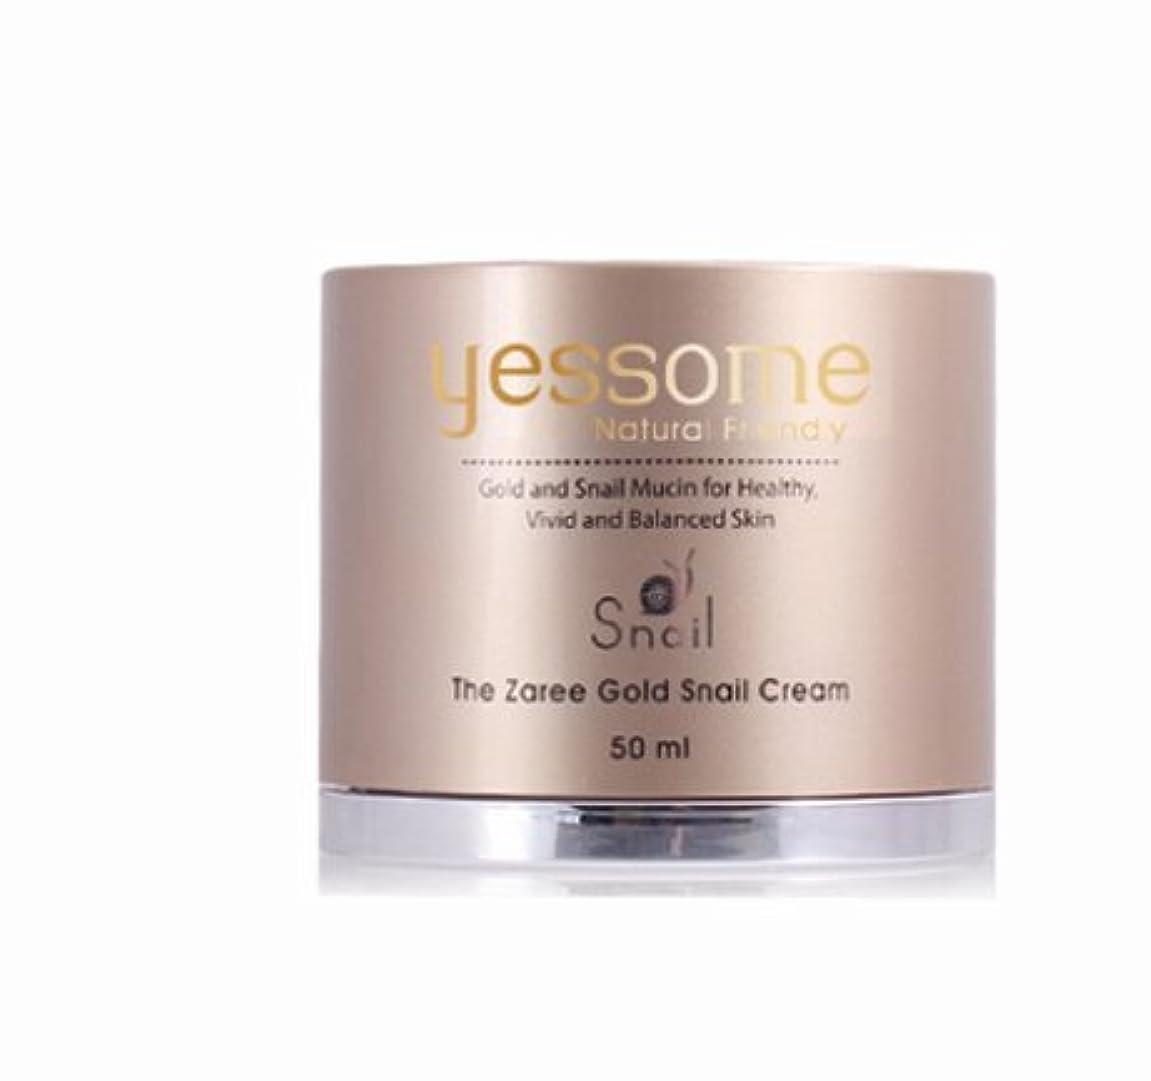 鍔栄養抵抗力があるYessome Gold snail cream (50ml)